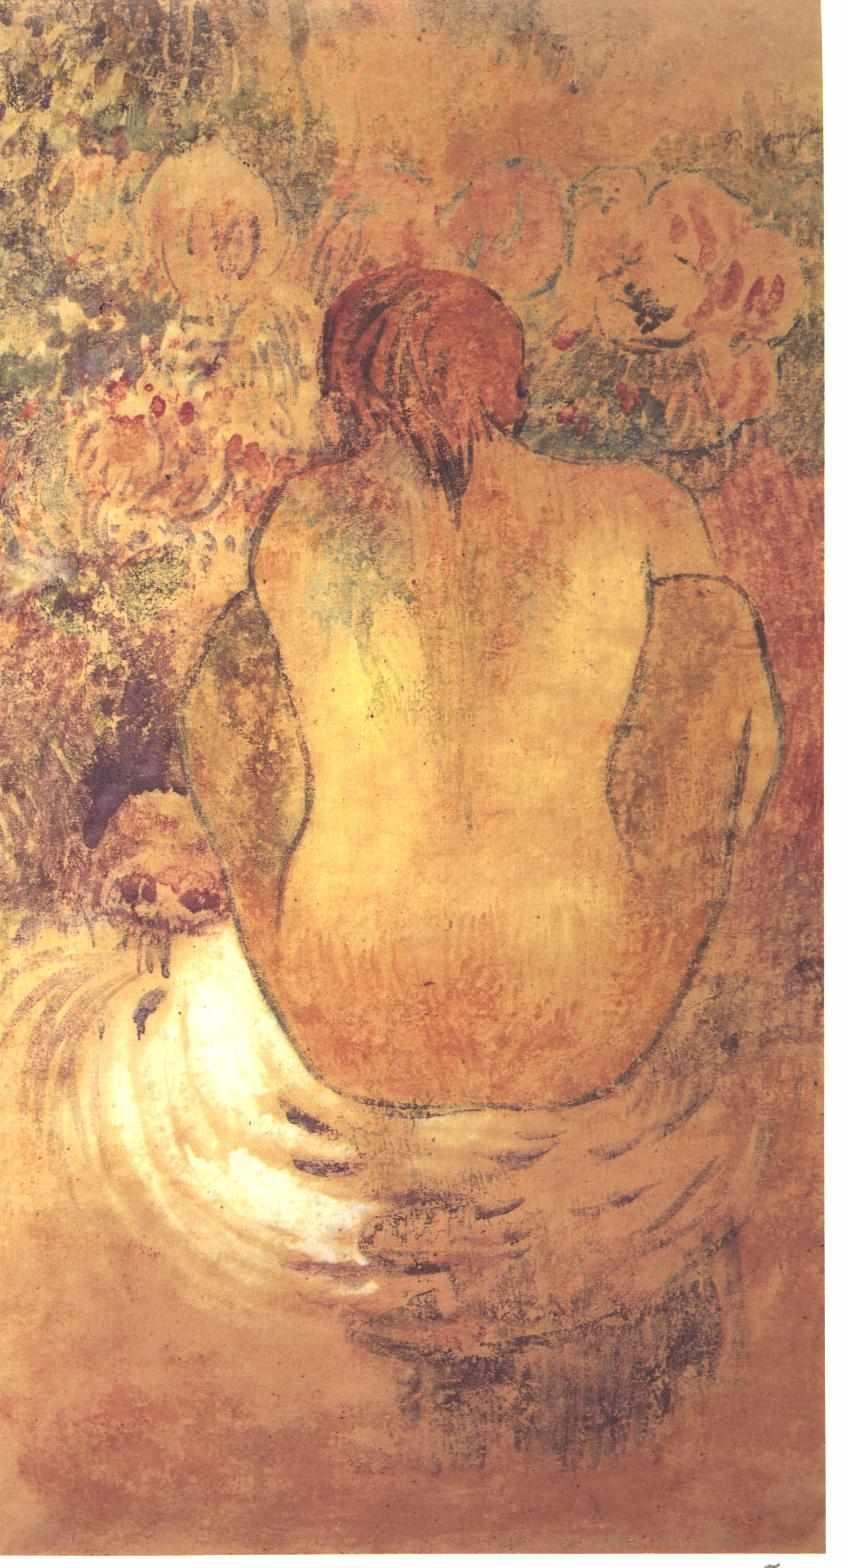 http://upload.wikimedia.org/wikipedia/commons/9/9f/Gauguin_-_R%C3%BCckenakt.jpg